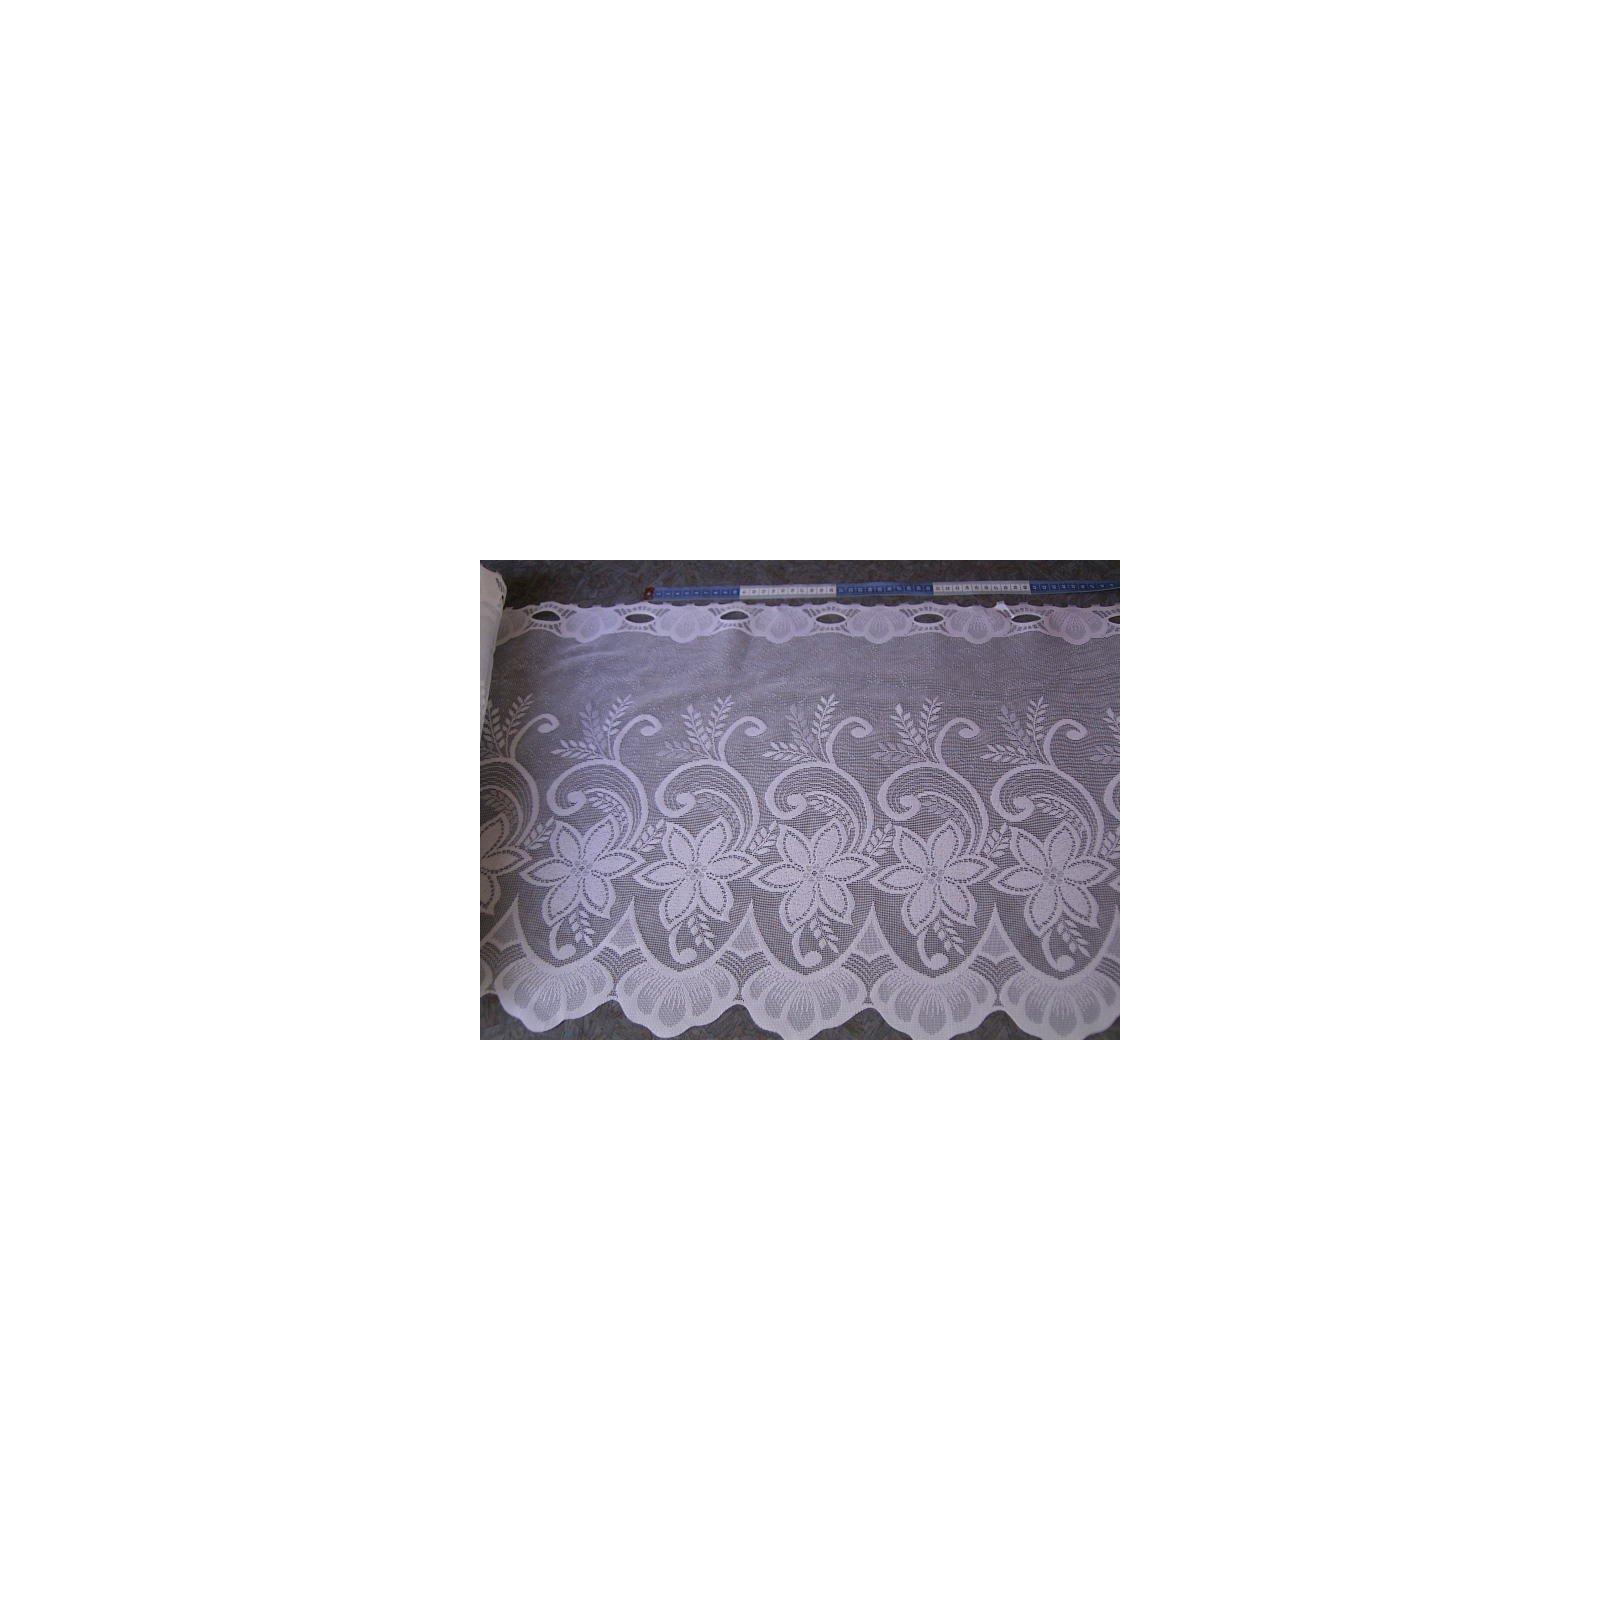 scheibengardine 45cm hoch wei mit blumen raumausstatter. Black Bedroom Furniture Sets. Home Design Ideas